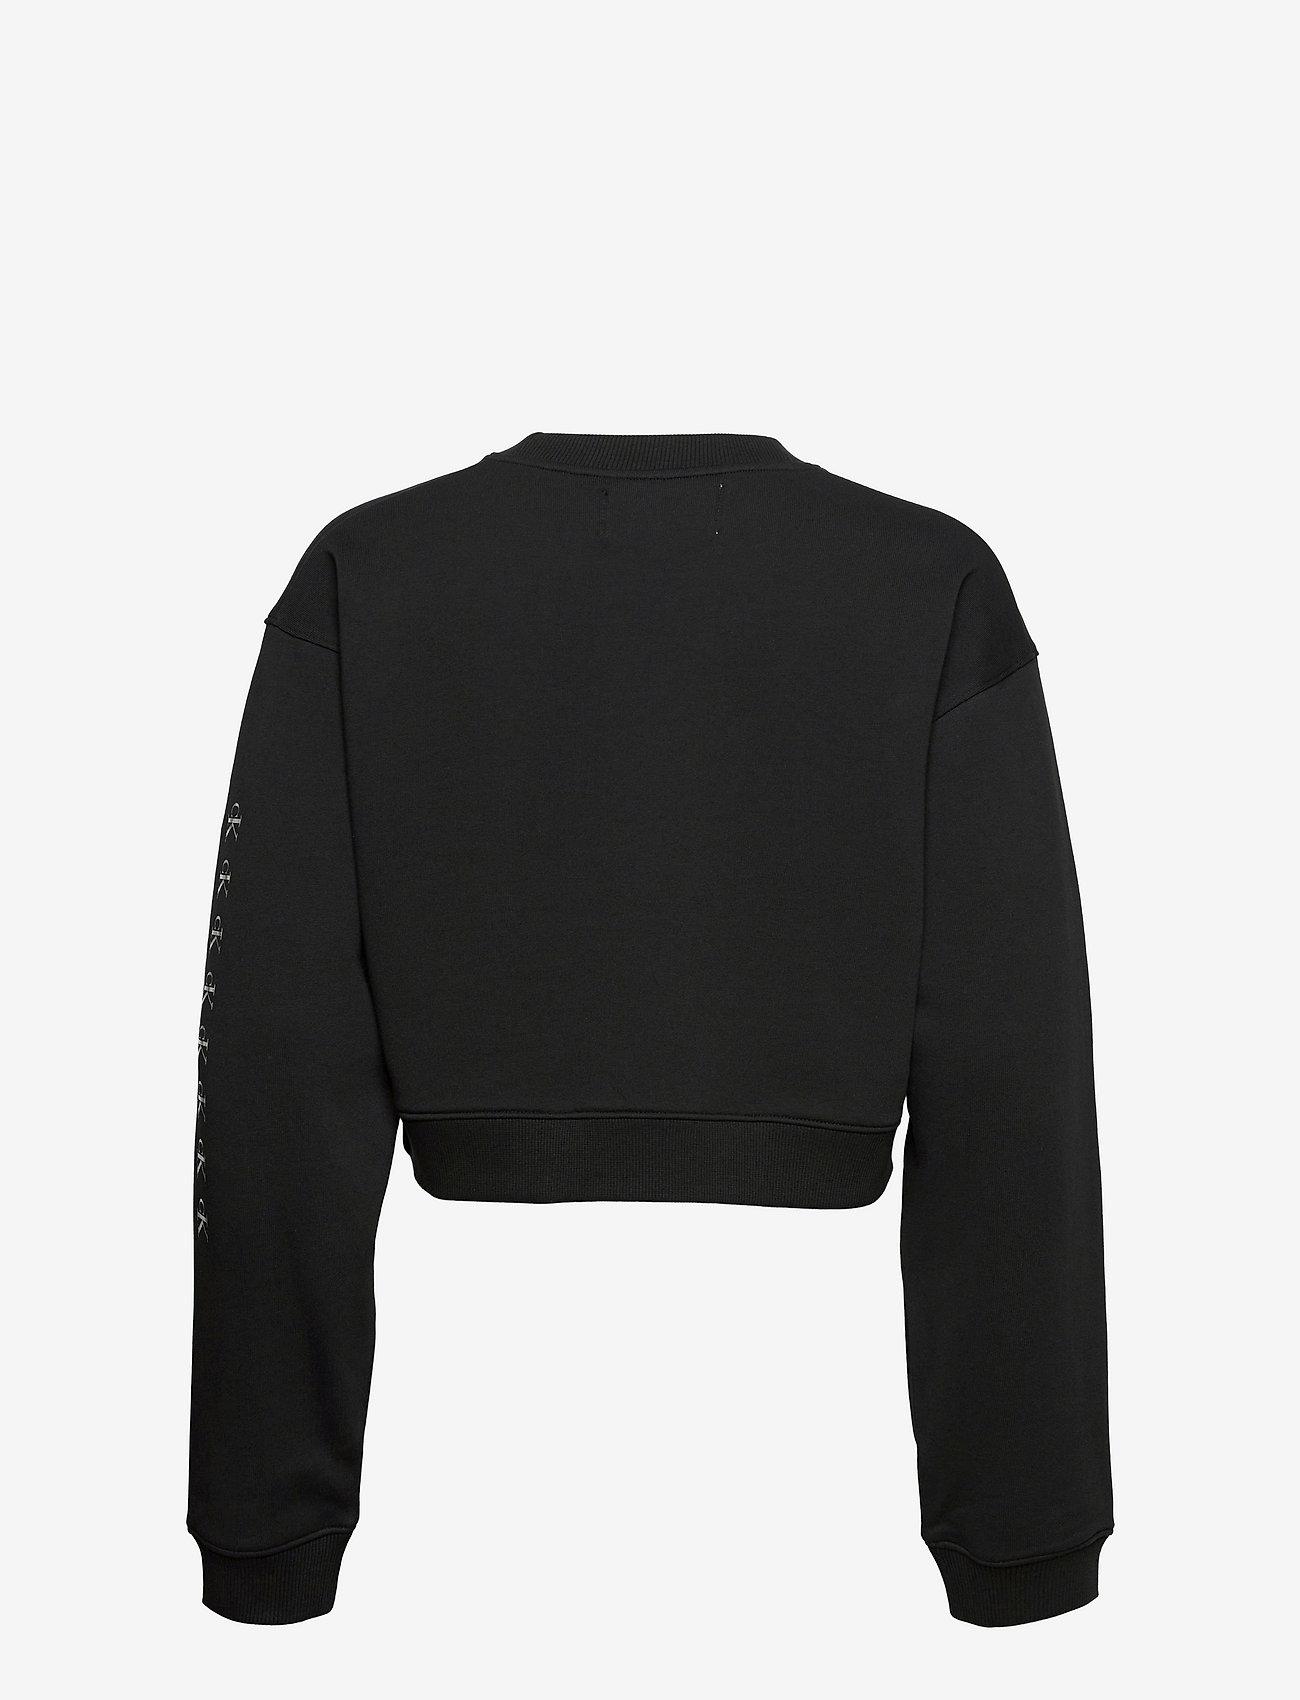 Calvin Klein Jeans - SHINE LOGO CREW NECK - sweatshirts & hættetrøjer - ck black - 1